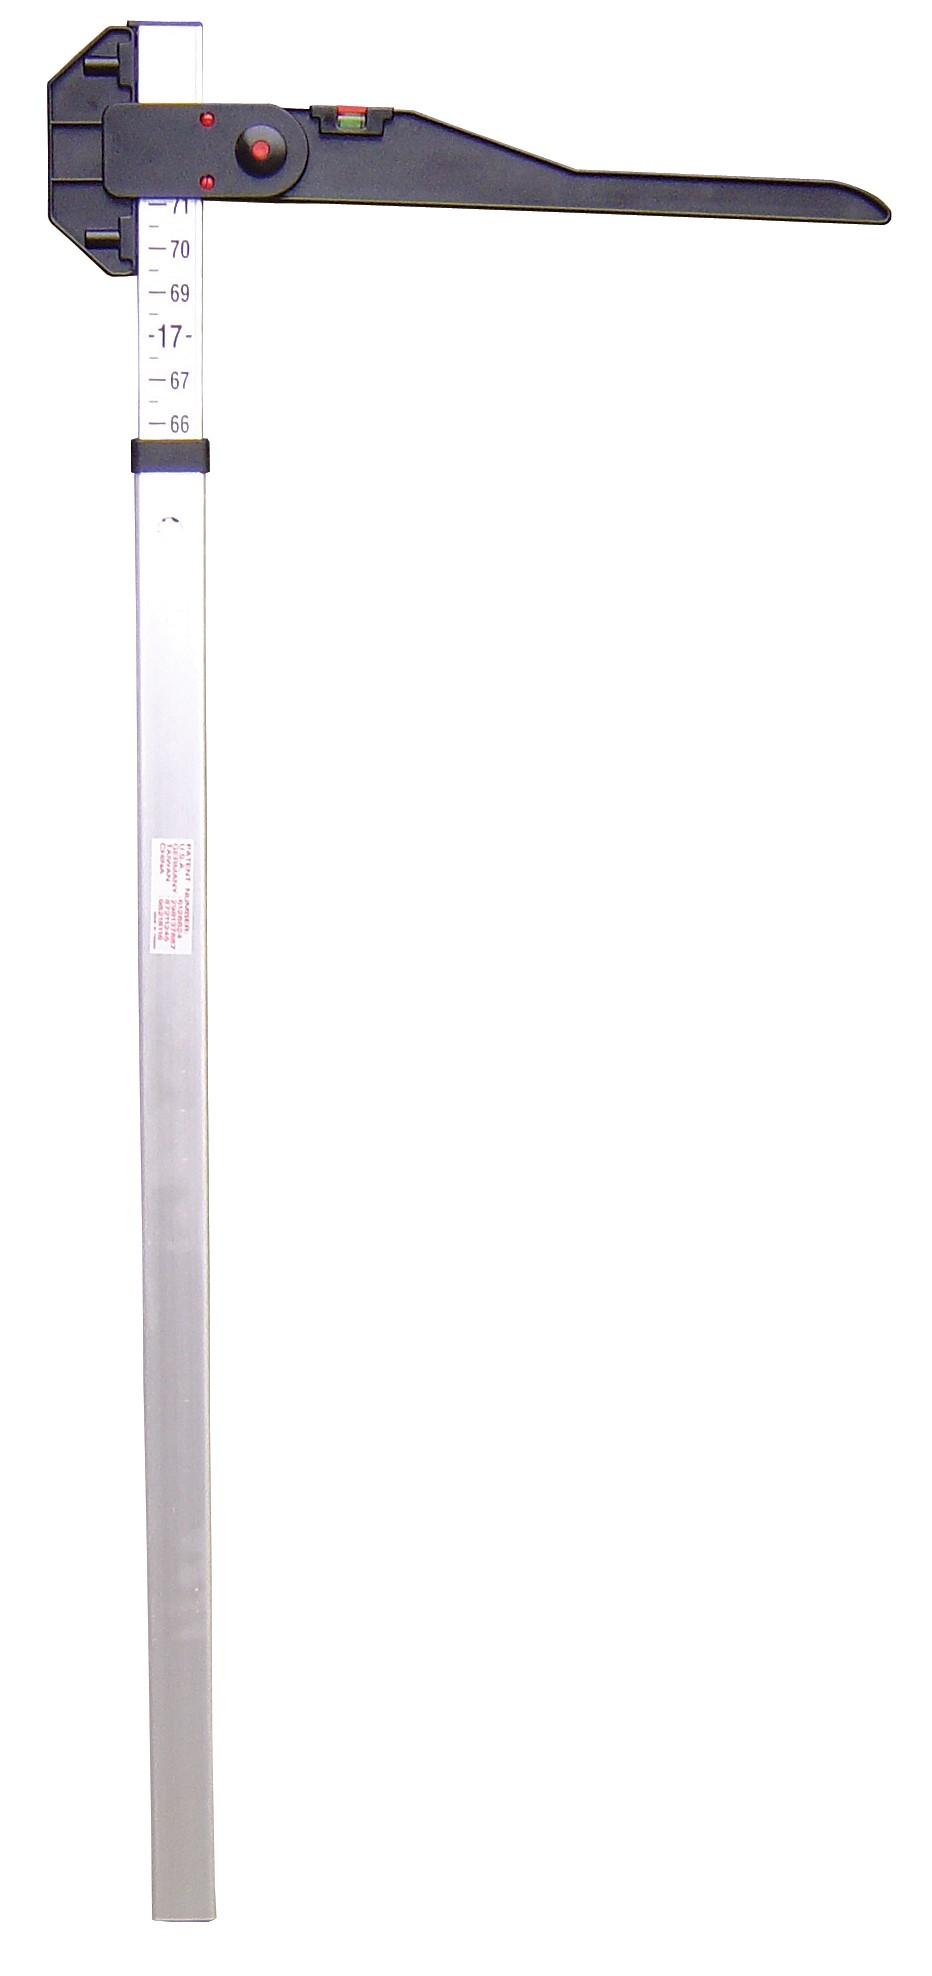 toise en aluminium et pvc unite de mesure en cm 36500111 harry 39 s horse. Black Bedroom Furniture Sets. Home Design Ideas